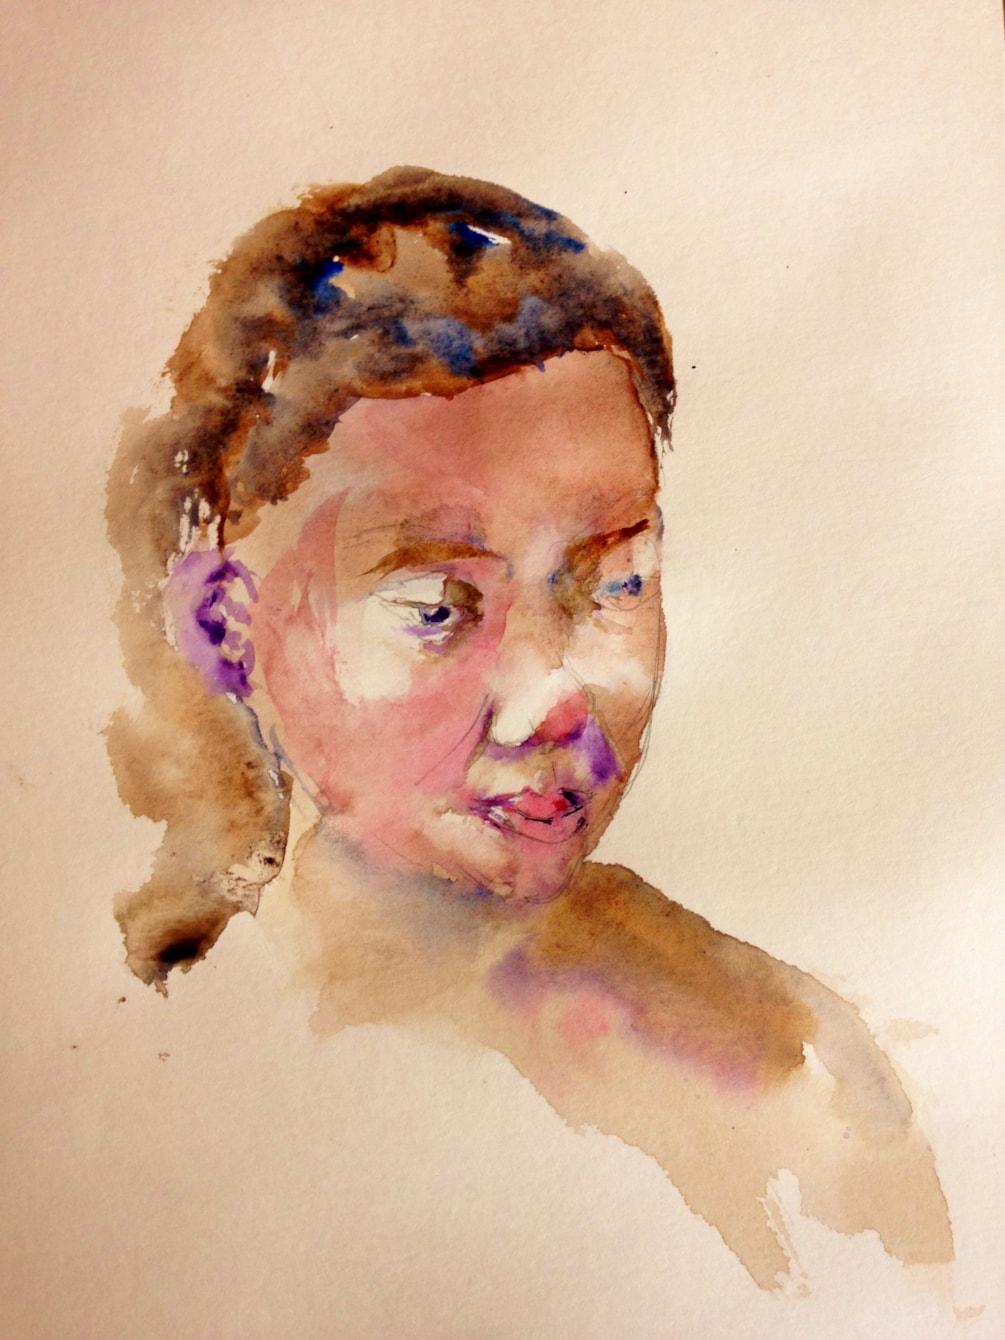 Portrait exercise (15 min. sketch)